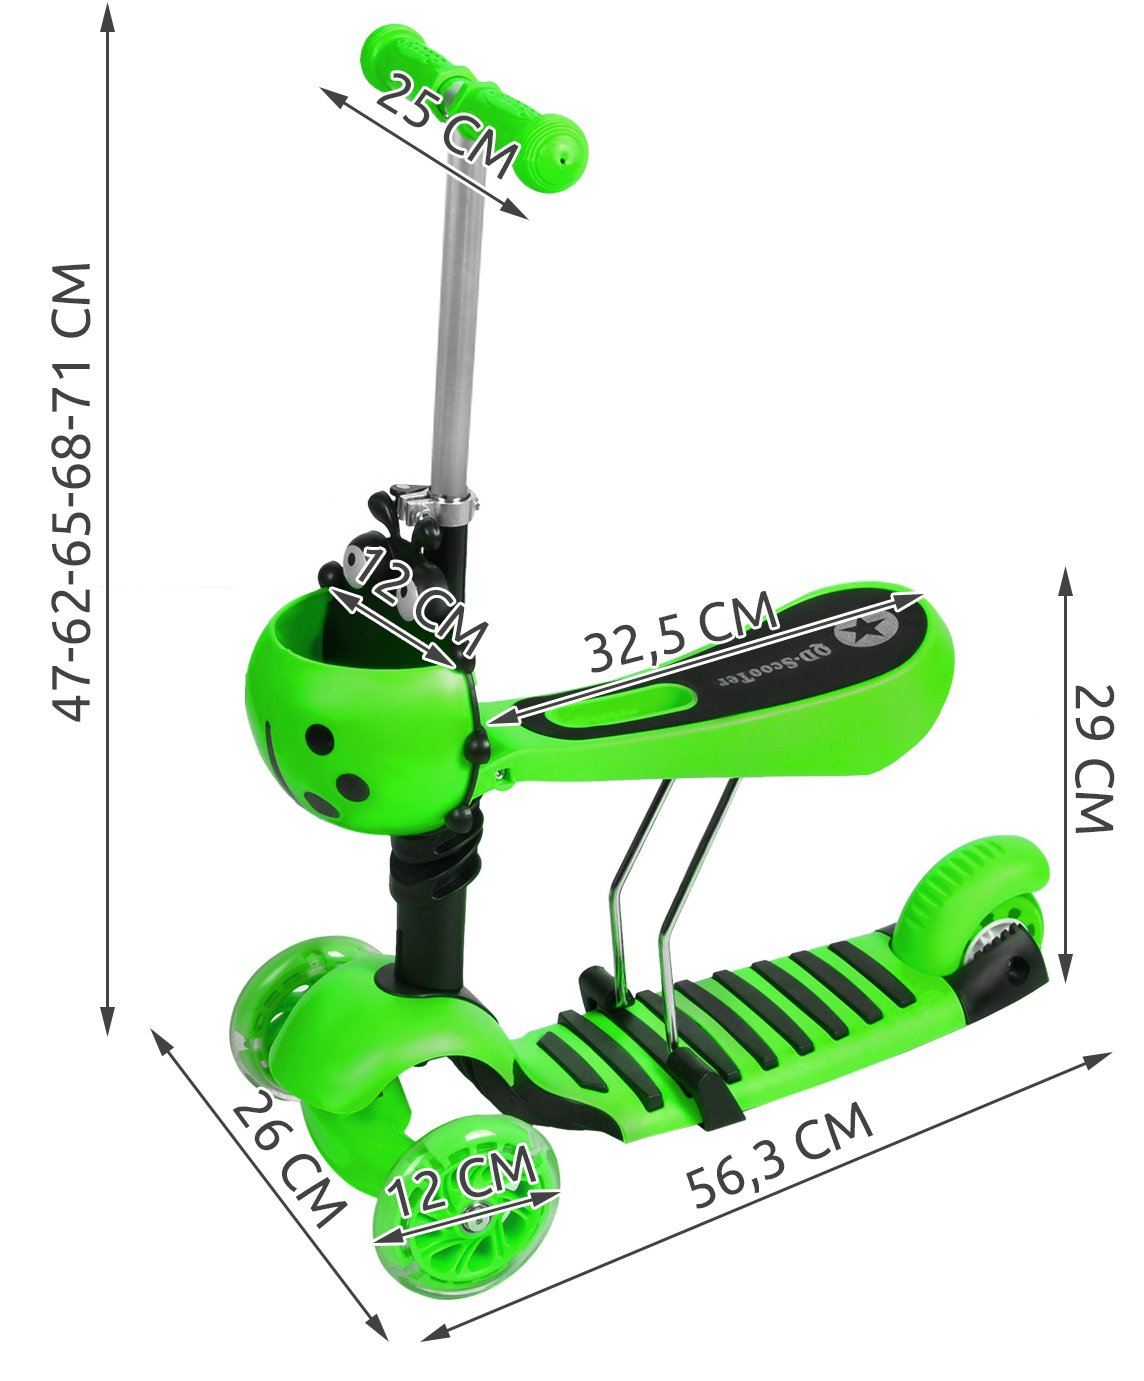 kinderroller dreirad tretroller cityroller sitz kinder led r der scooter 3479. Black Bedroom Furniture Sets. Home Design Ideas